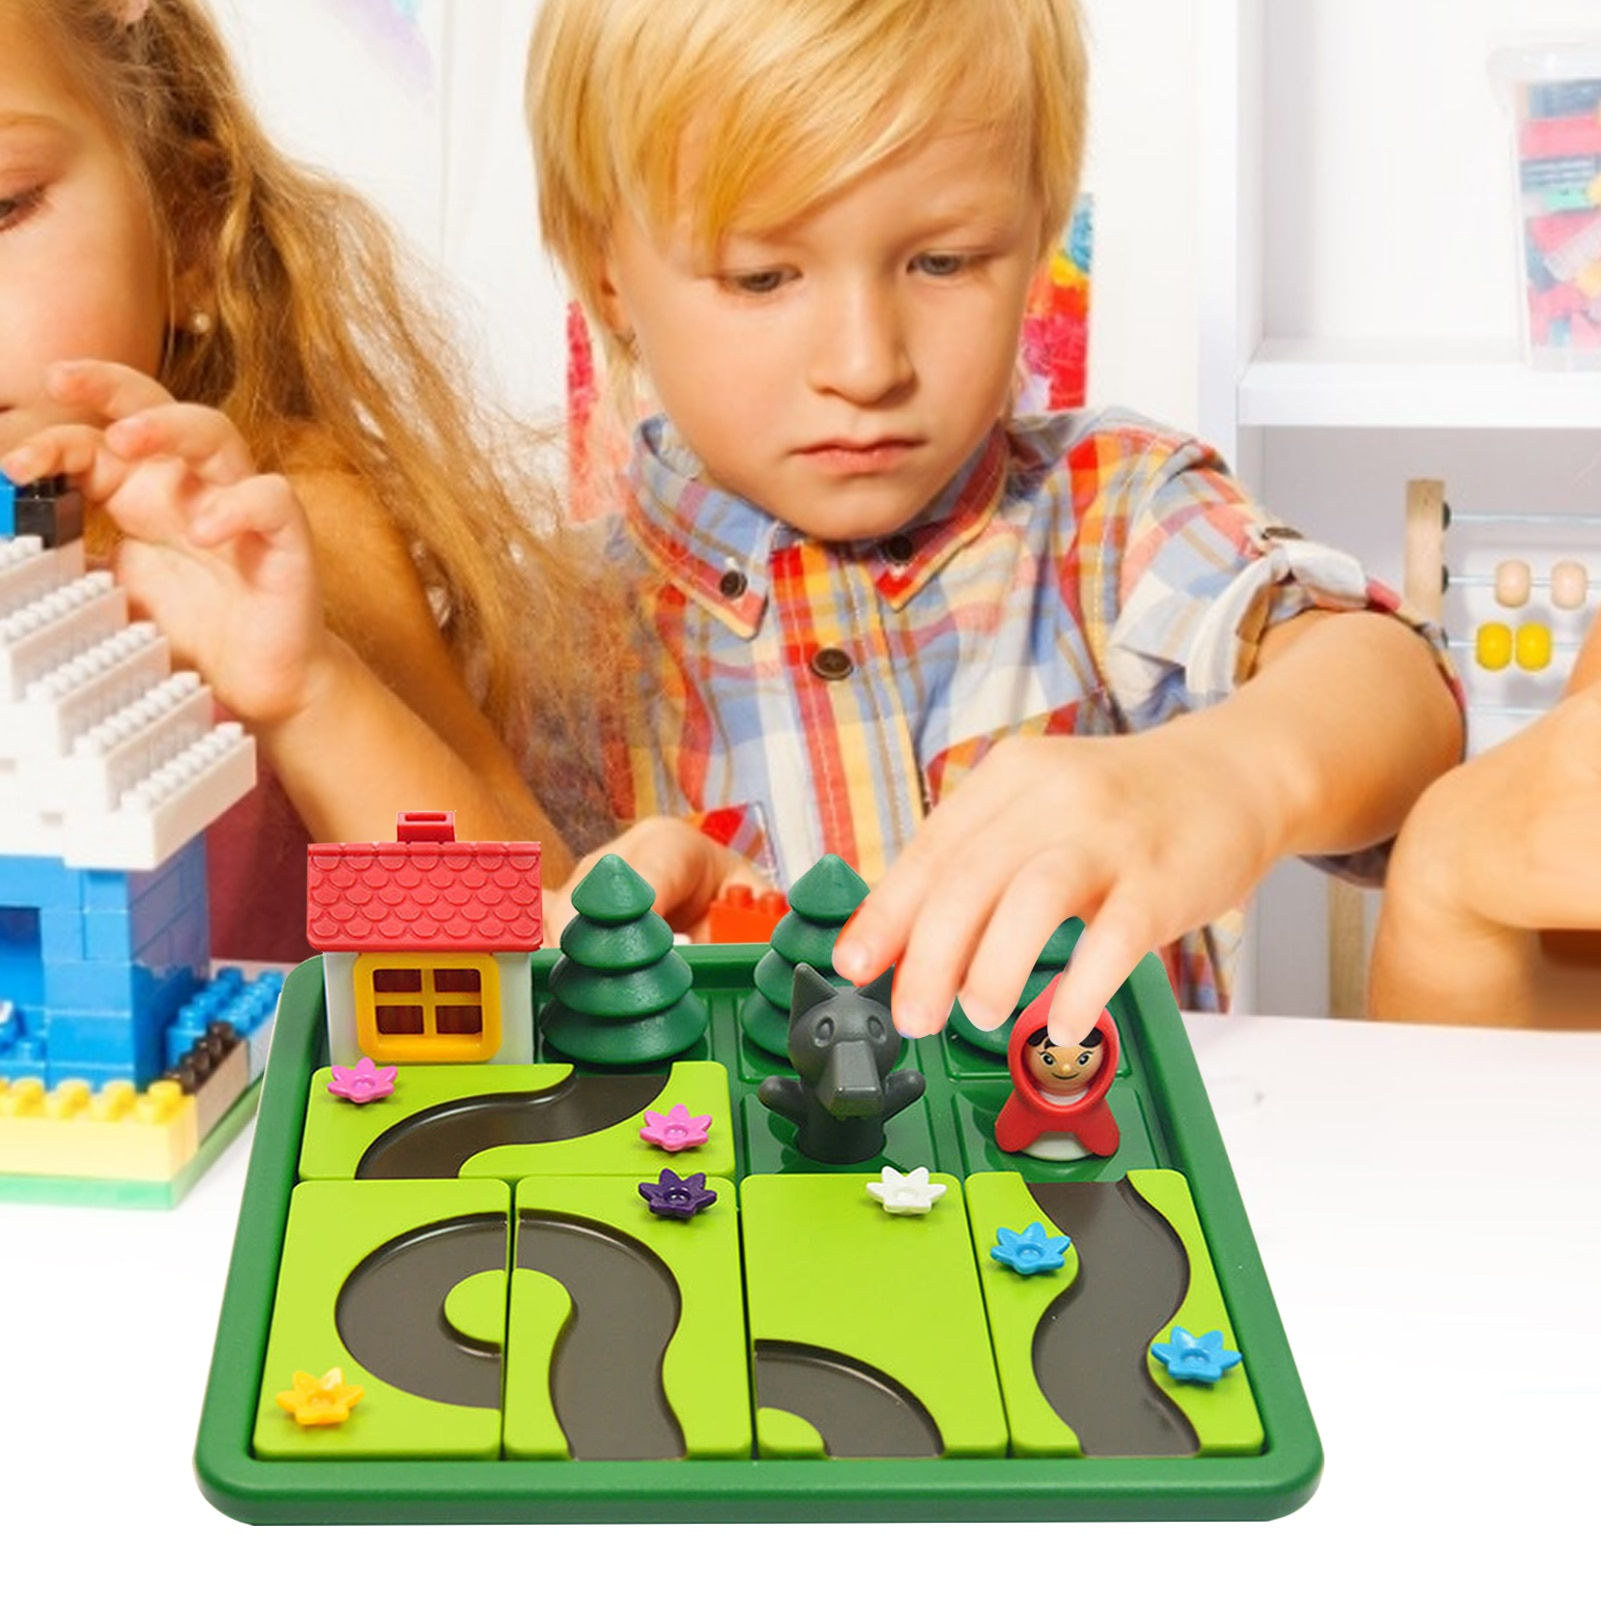 لوحة القيادة مع غطاء أحمر صغير وولف سيئة ، تخليص ذكاء الوالدين والطفل ، حل لعبة الألغاز ، لعبة المنطق